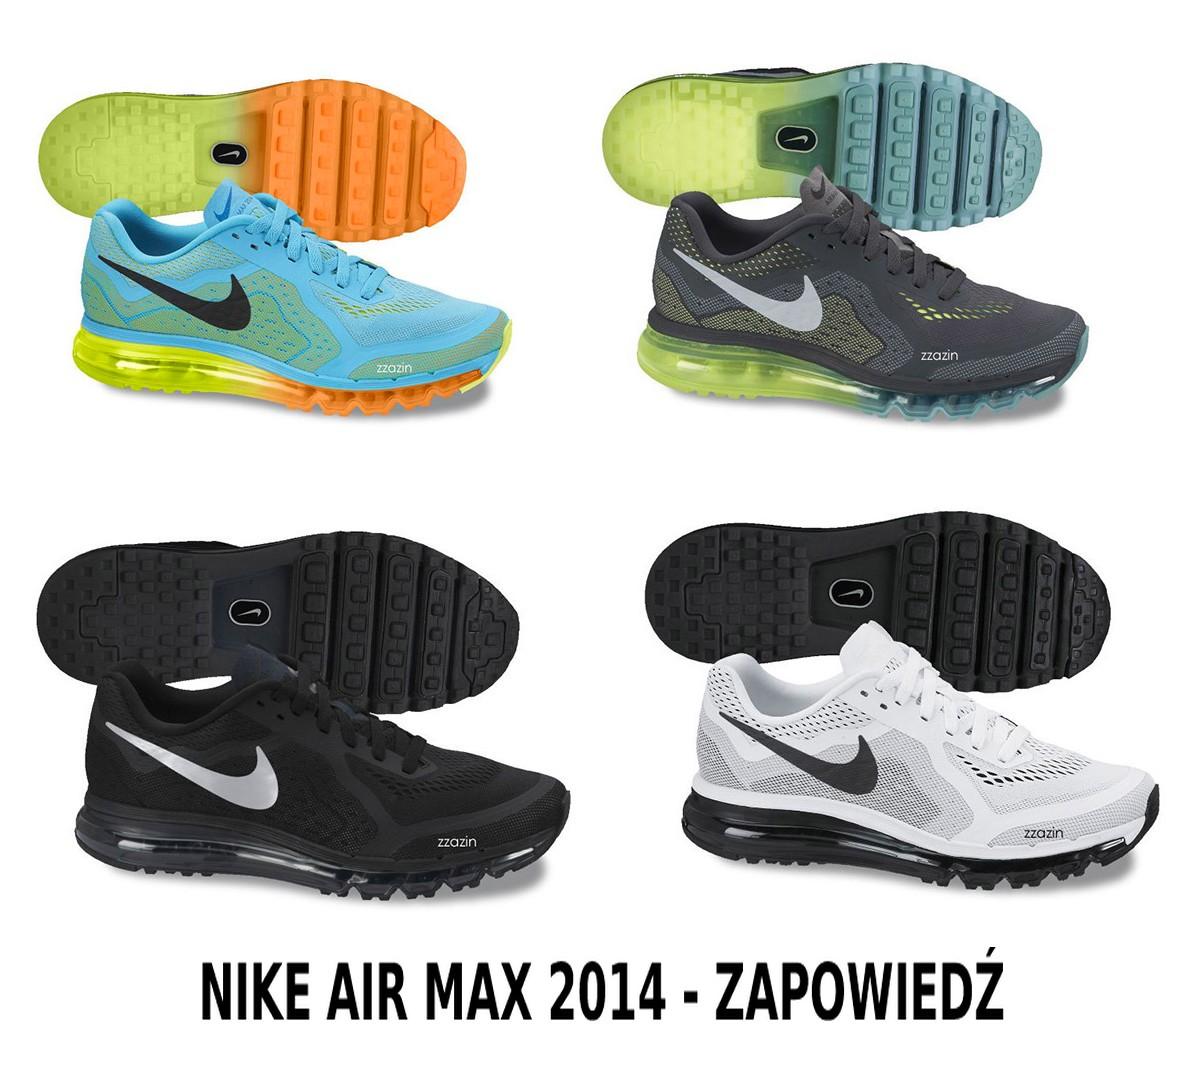 9587bb745 Buty sportowe Nike Air Max 2014 – zapowiedź. – Butyjana.pl